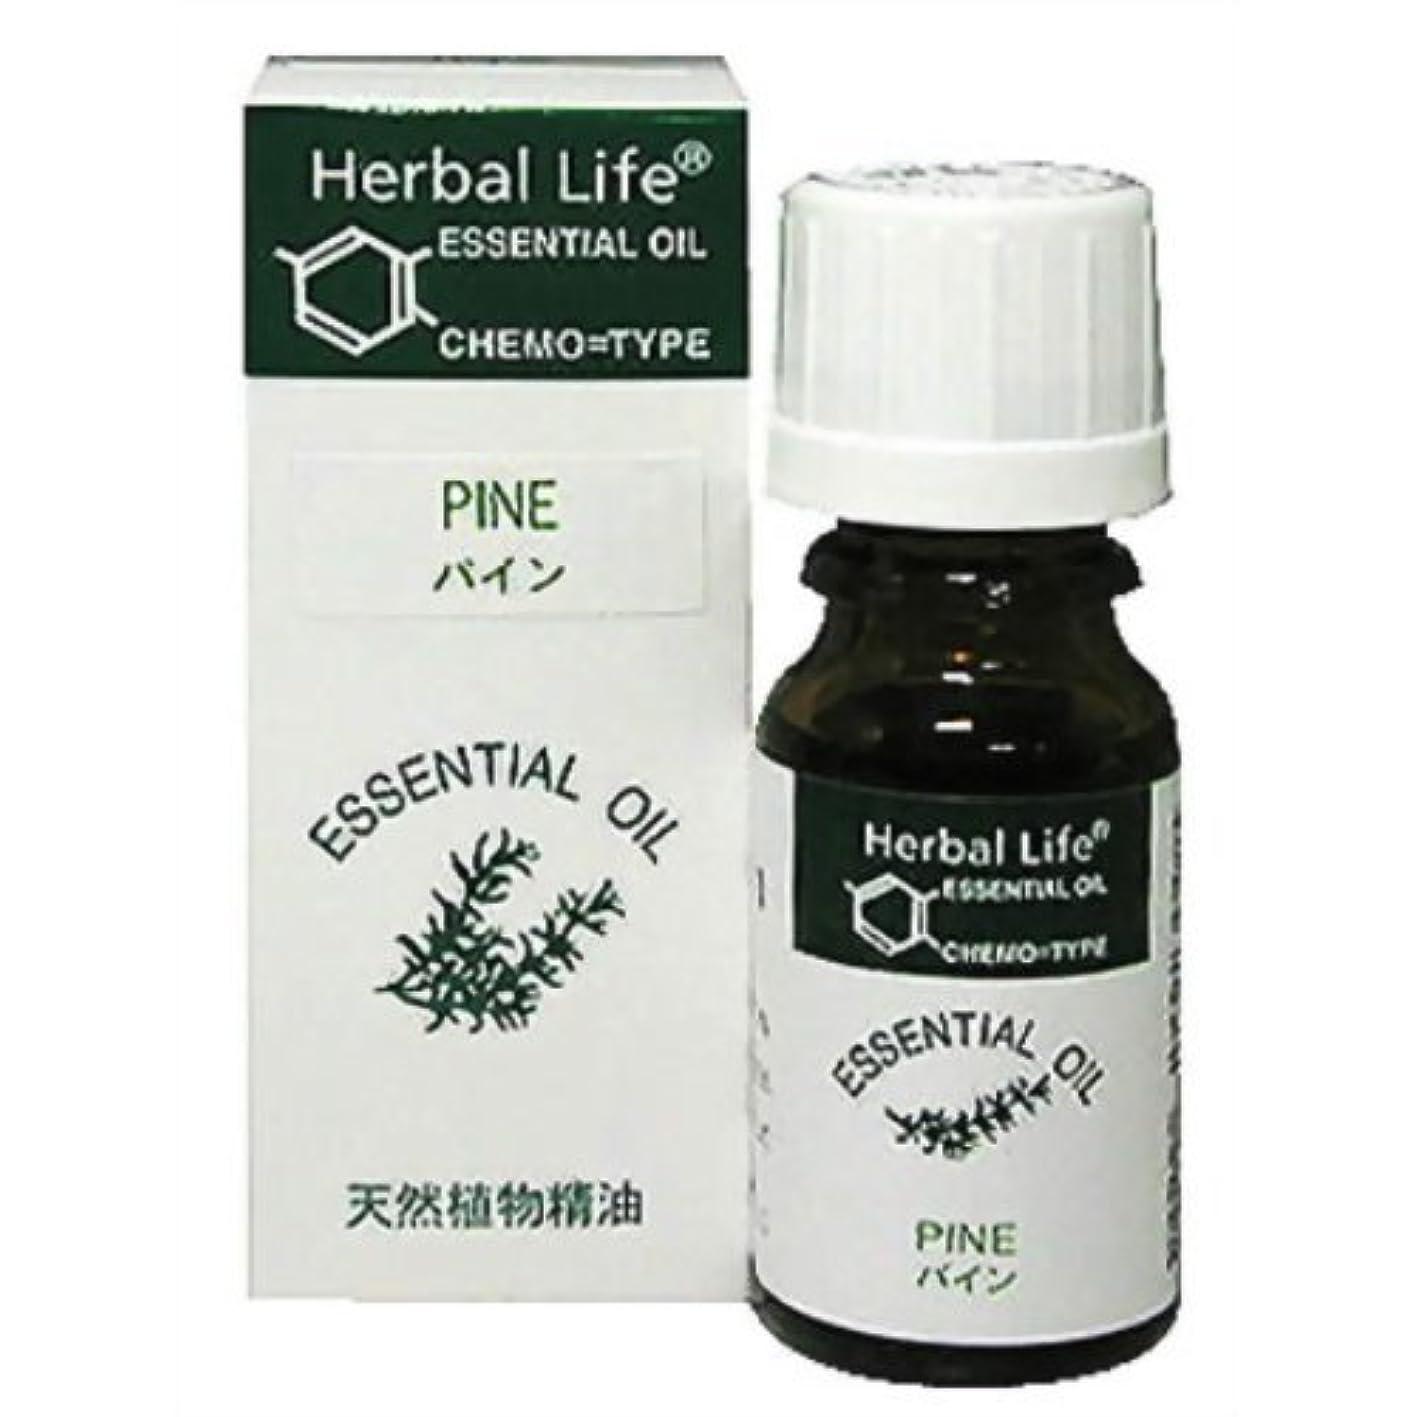 暴露明らかに文字Herbal Life パイン 10ml